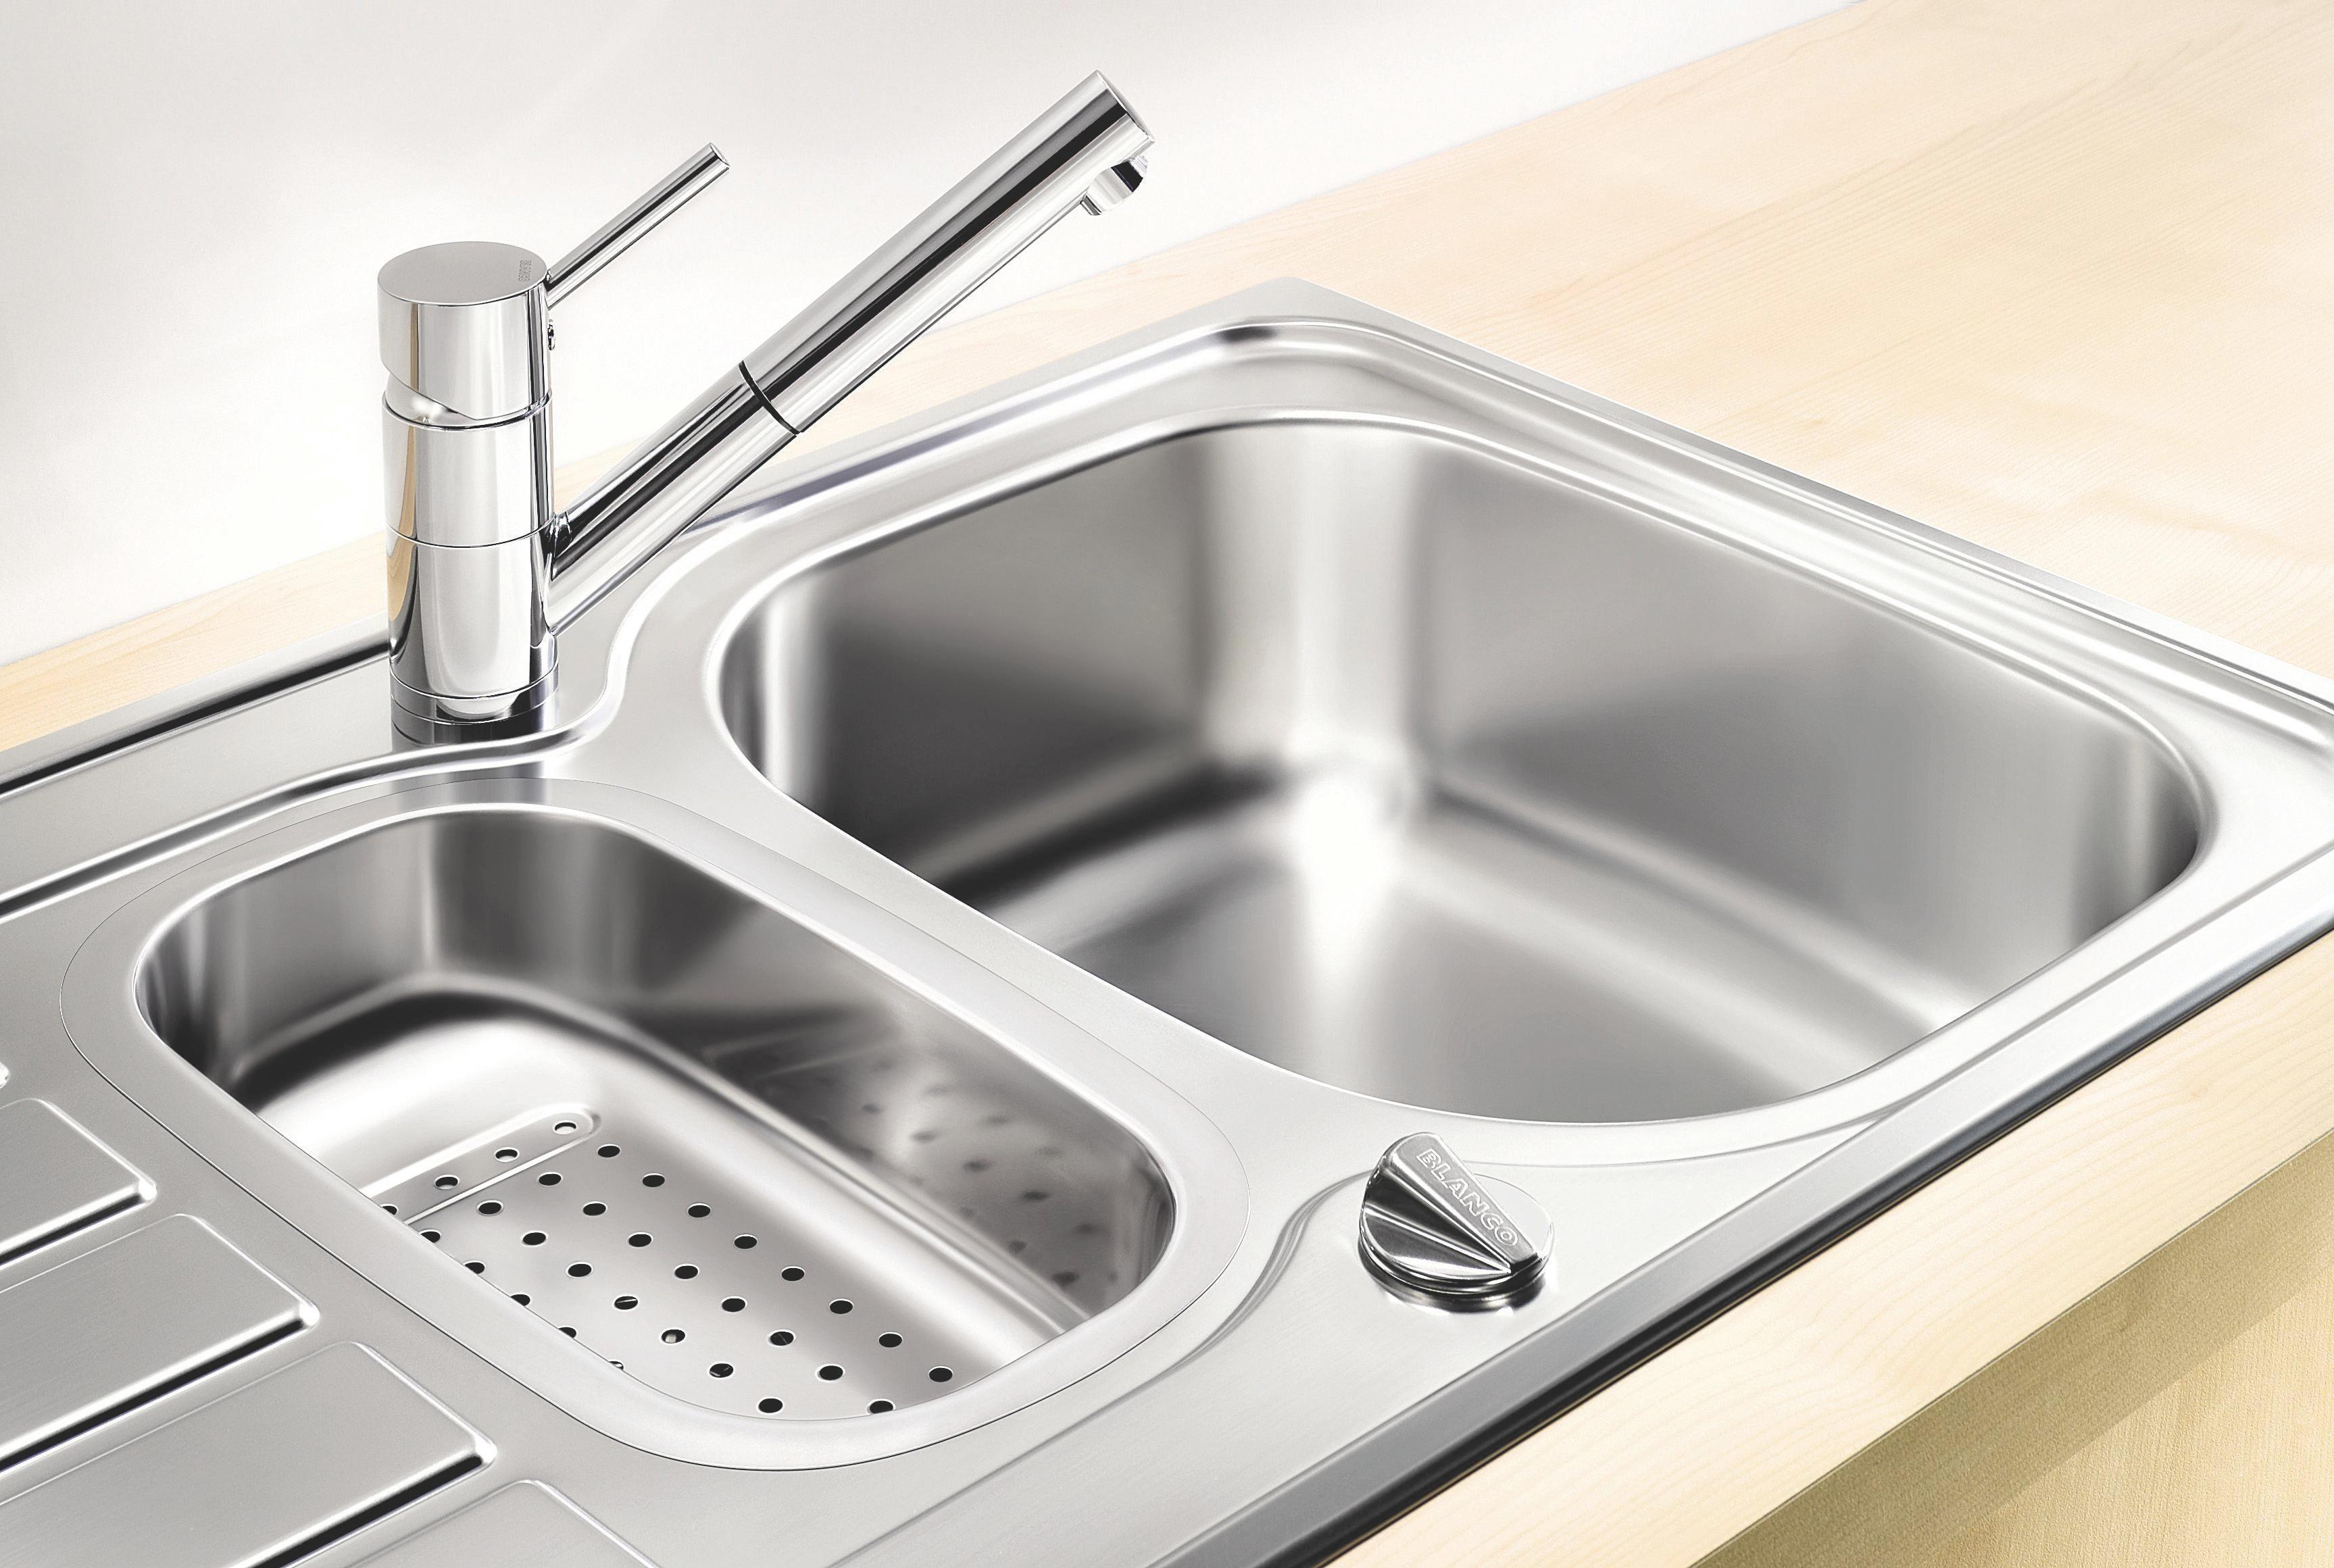 Charmant Küchenspüle Preise Nz Ideen - Ideen Für Die Küche ...